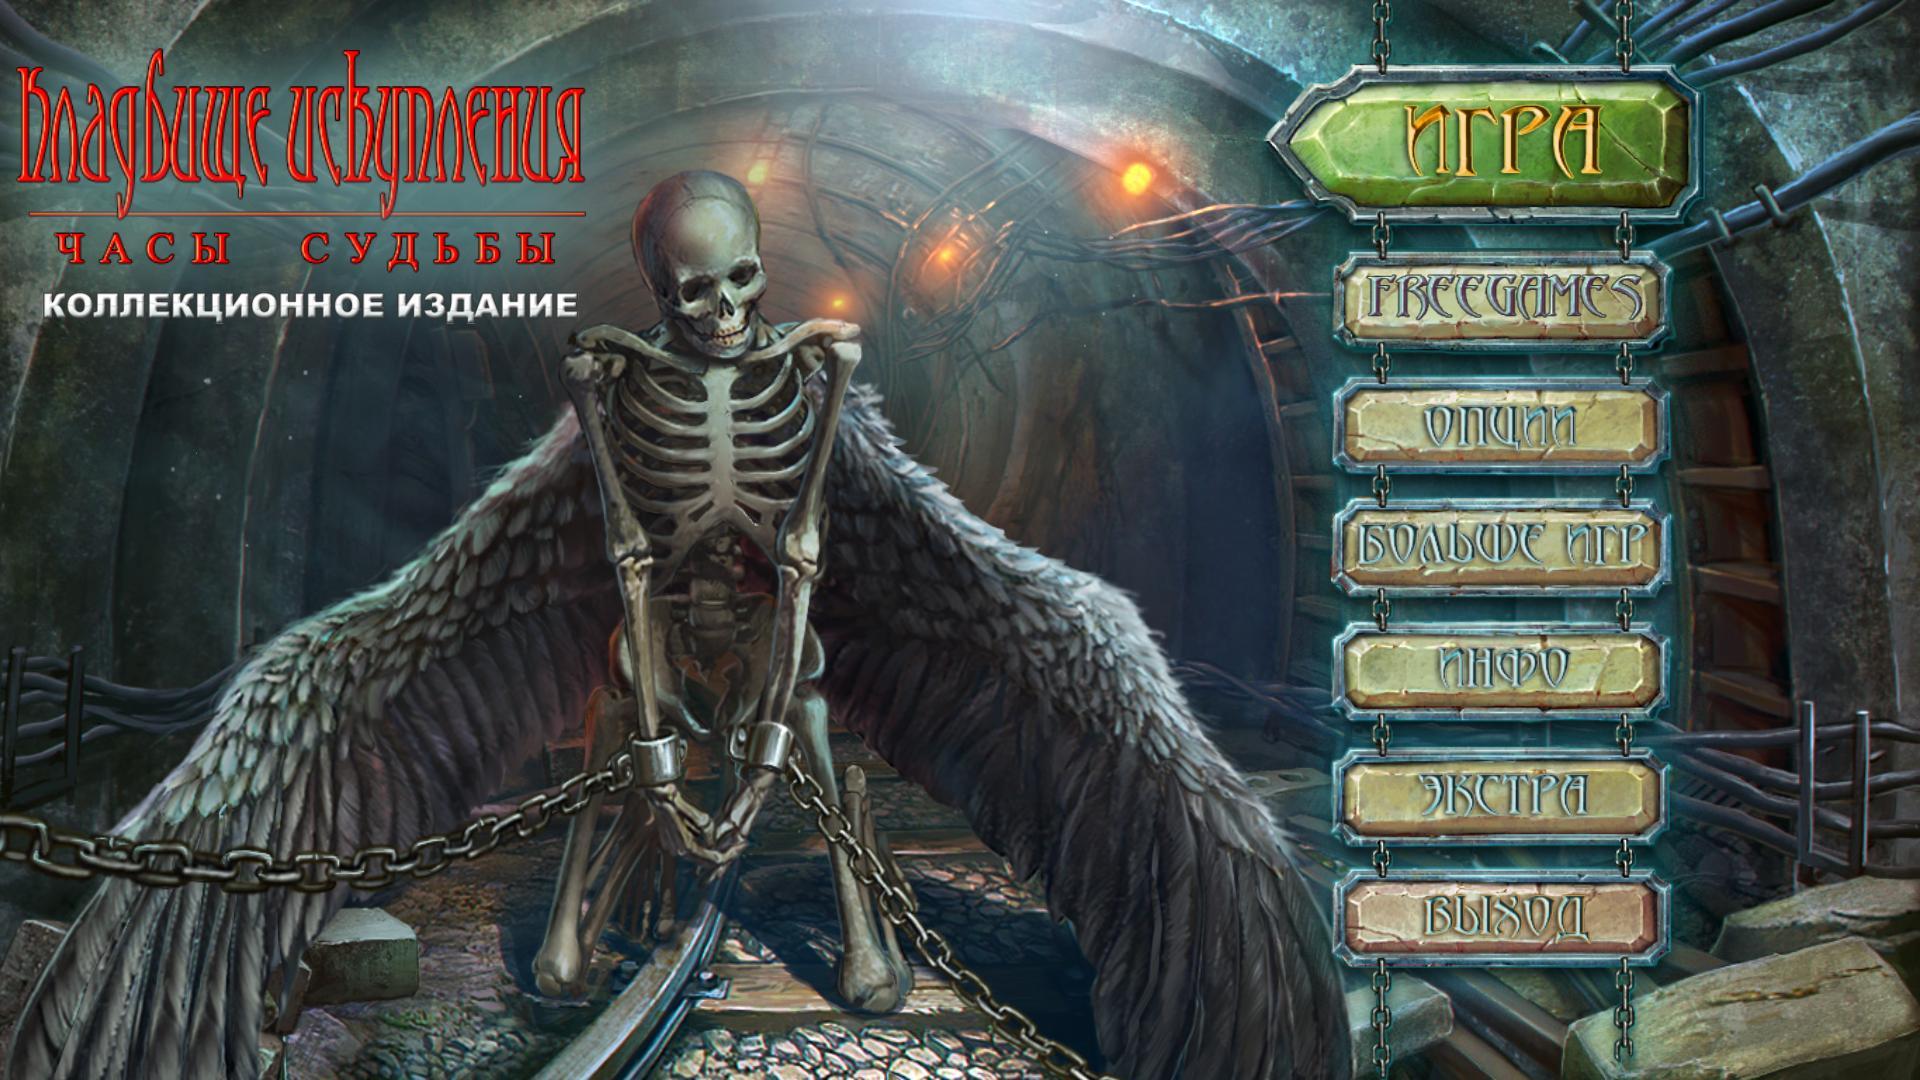 Кладбище искупления 7: Часы Судьбы. Коллекционное издание | Redemption Cemetery 7: Clock of Fate CE (Rus)